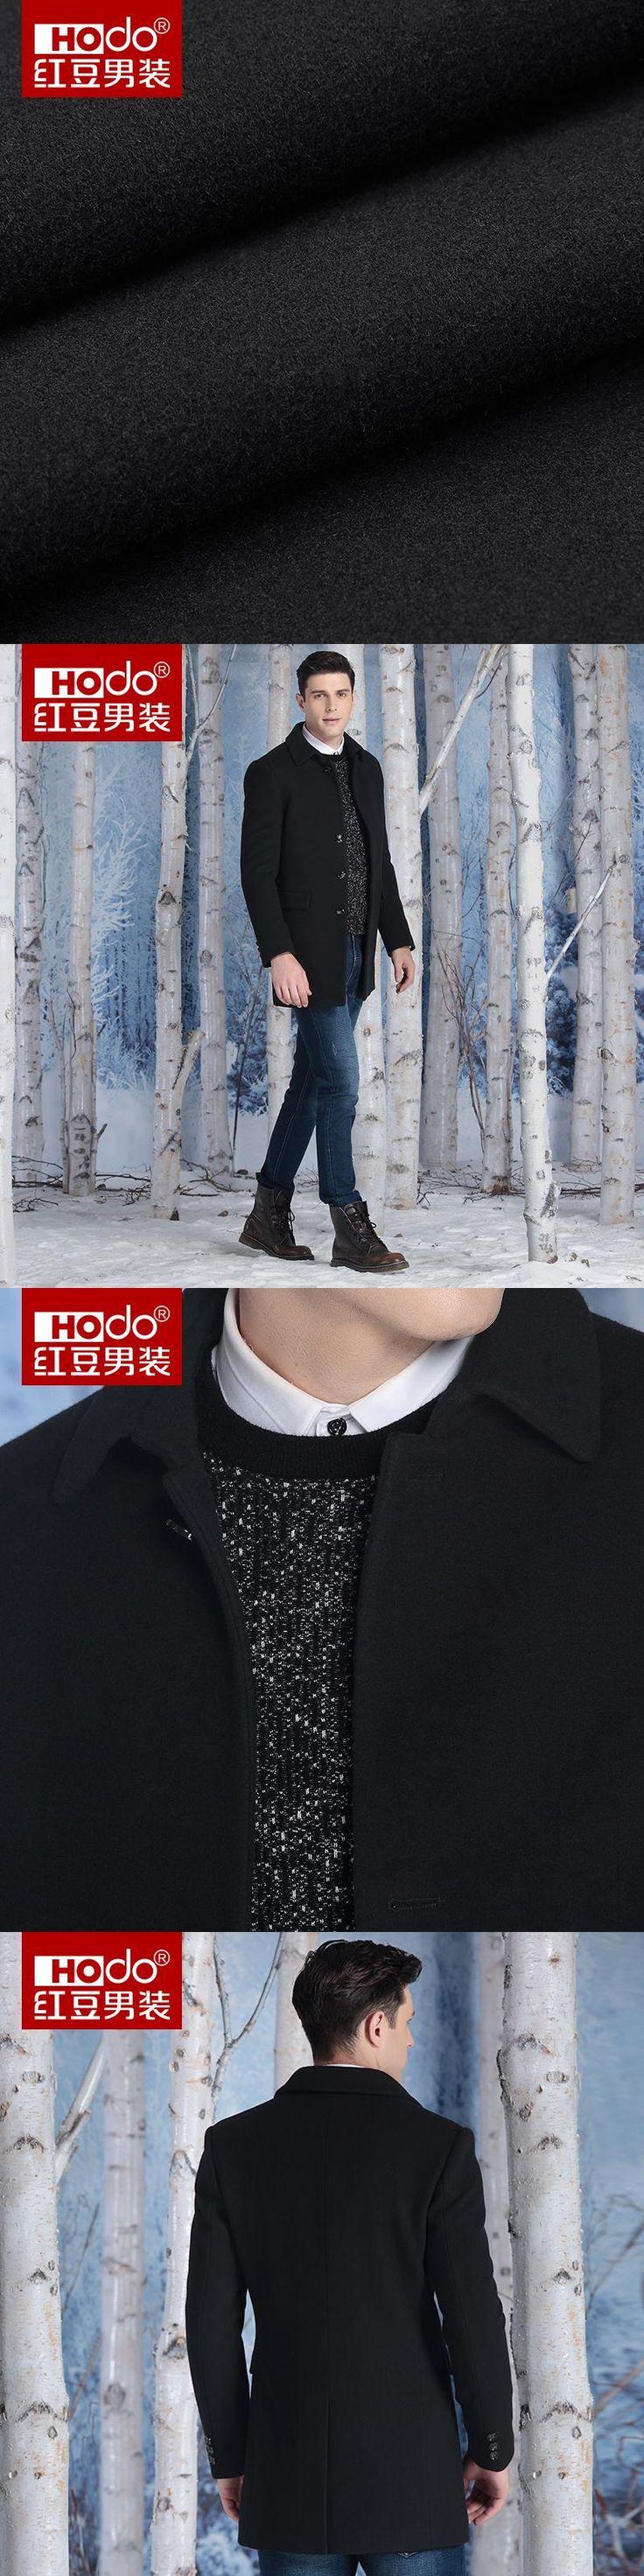 Hodo Winter Coat Men Long  Men Overcoat Wool Fashion  Men's Wool Coat Mens Overcoat